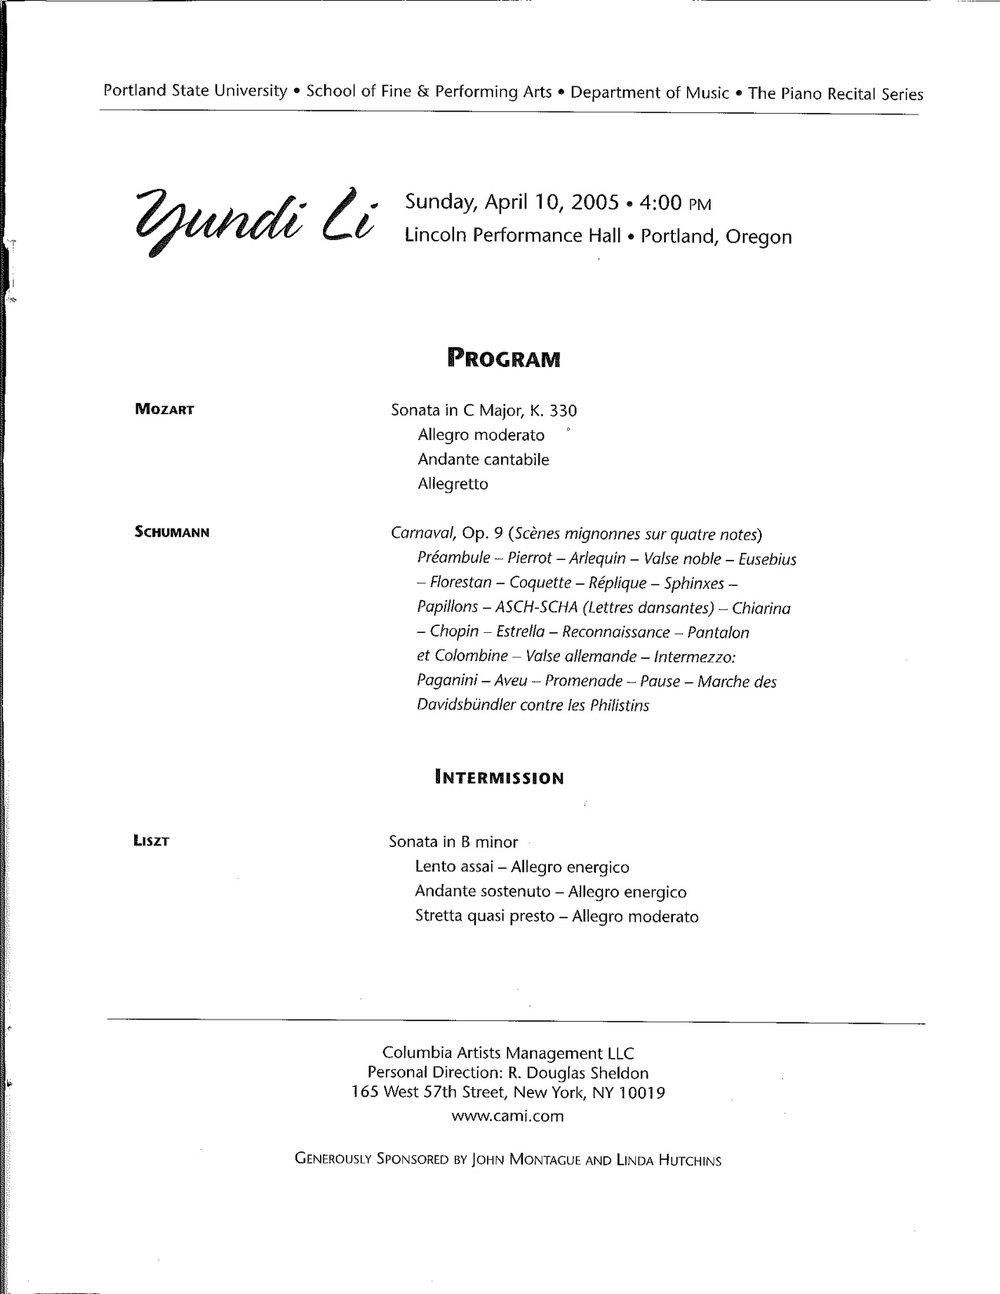 YundiLi04-05_Program3.jpg